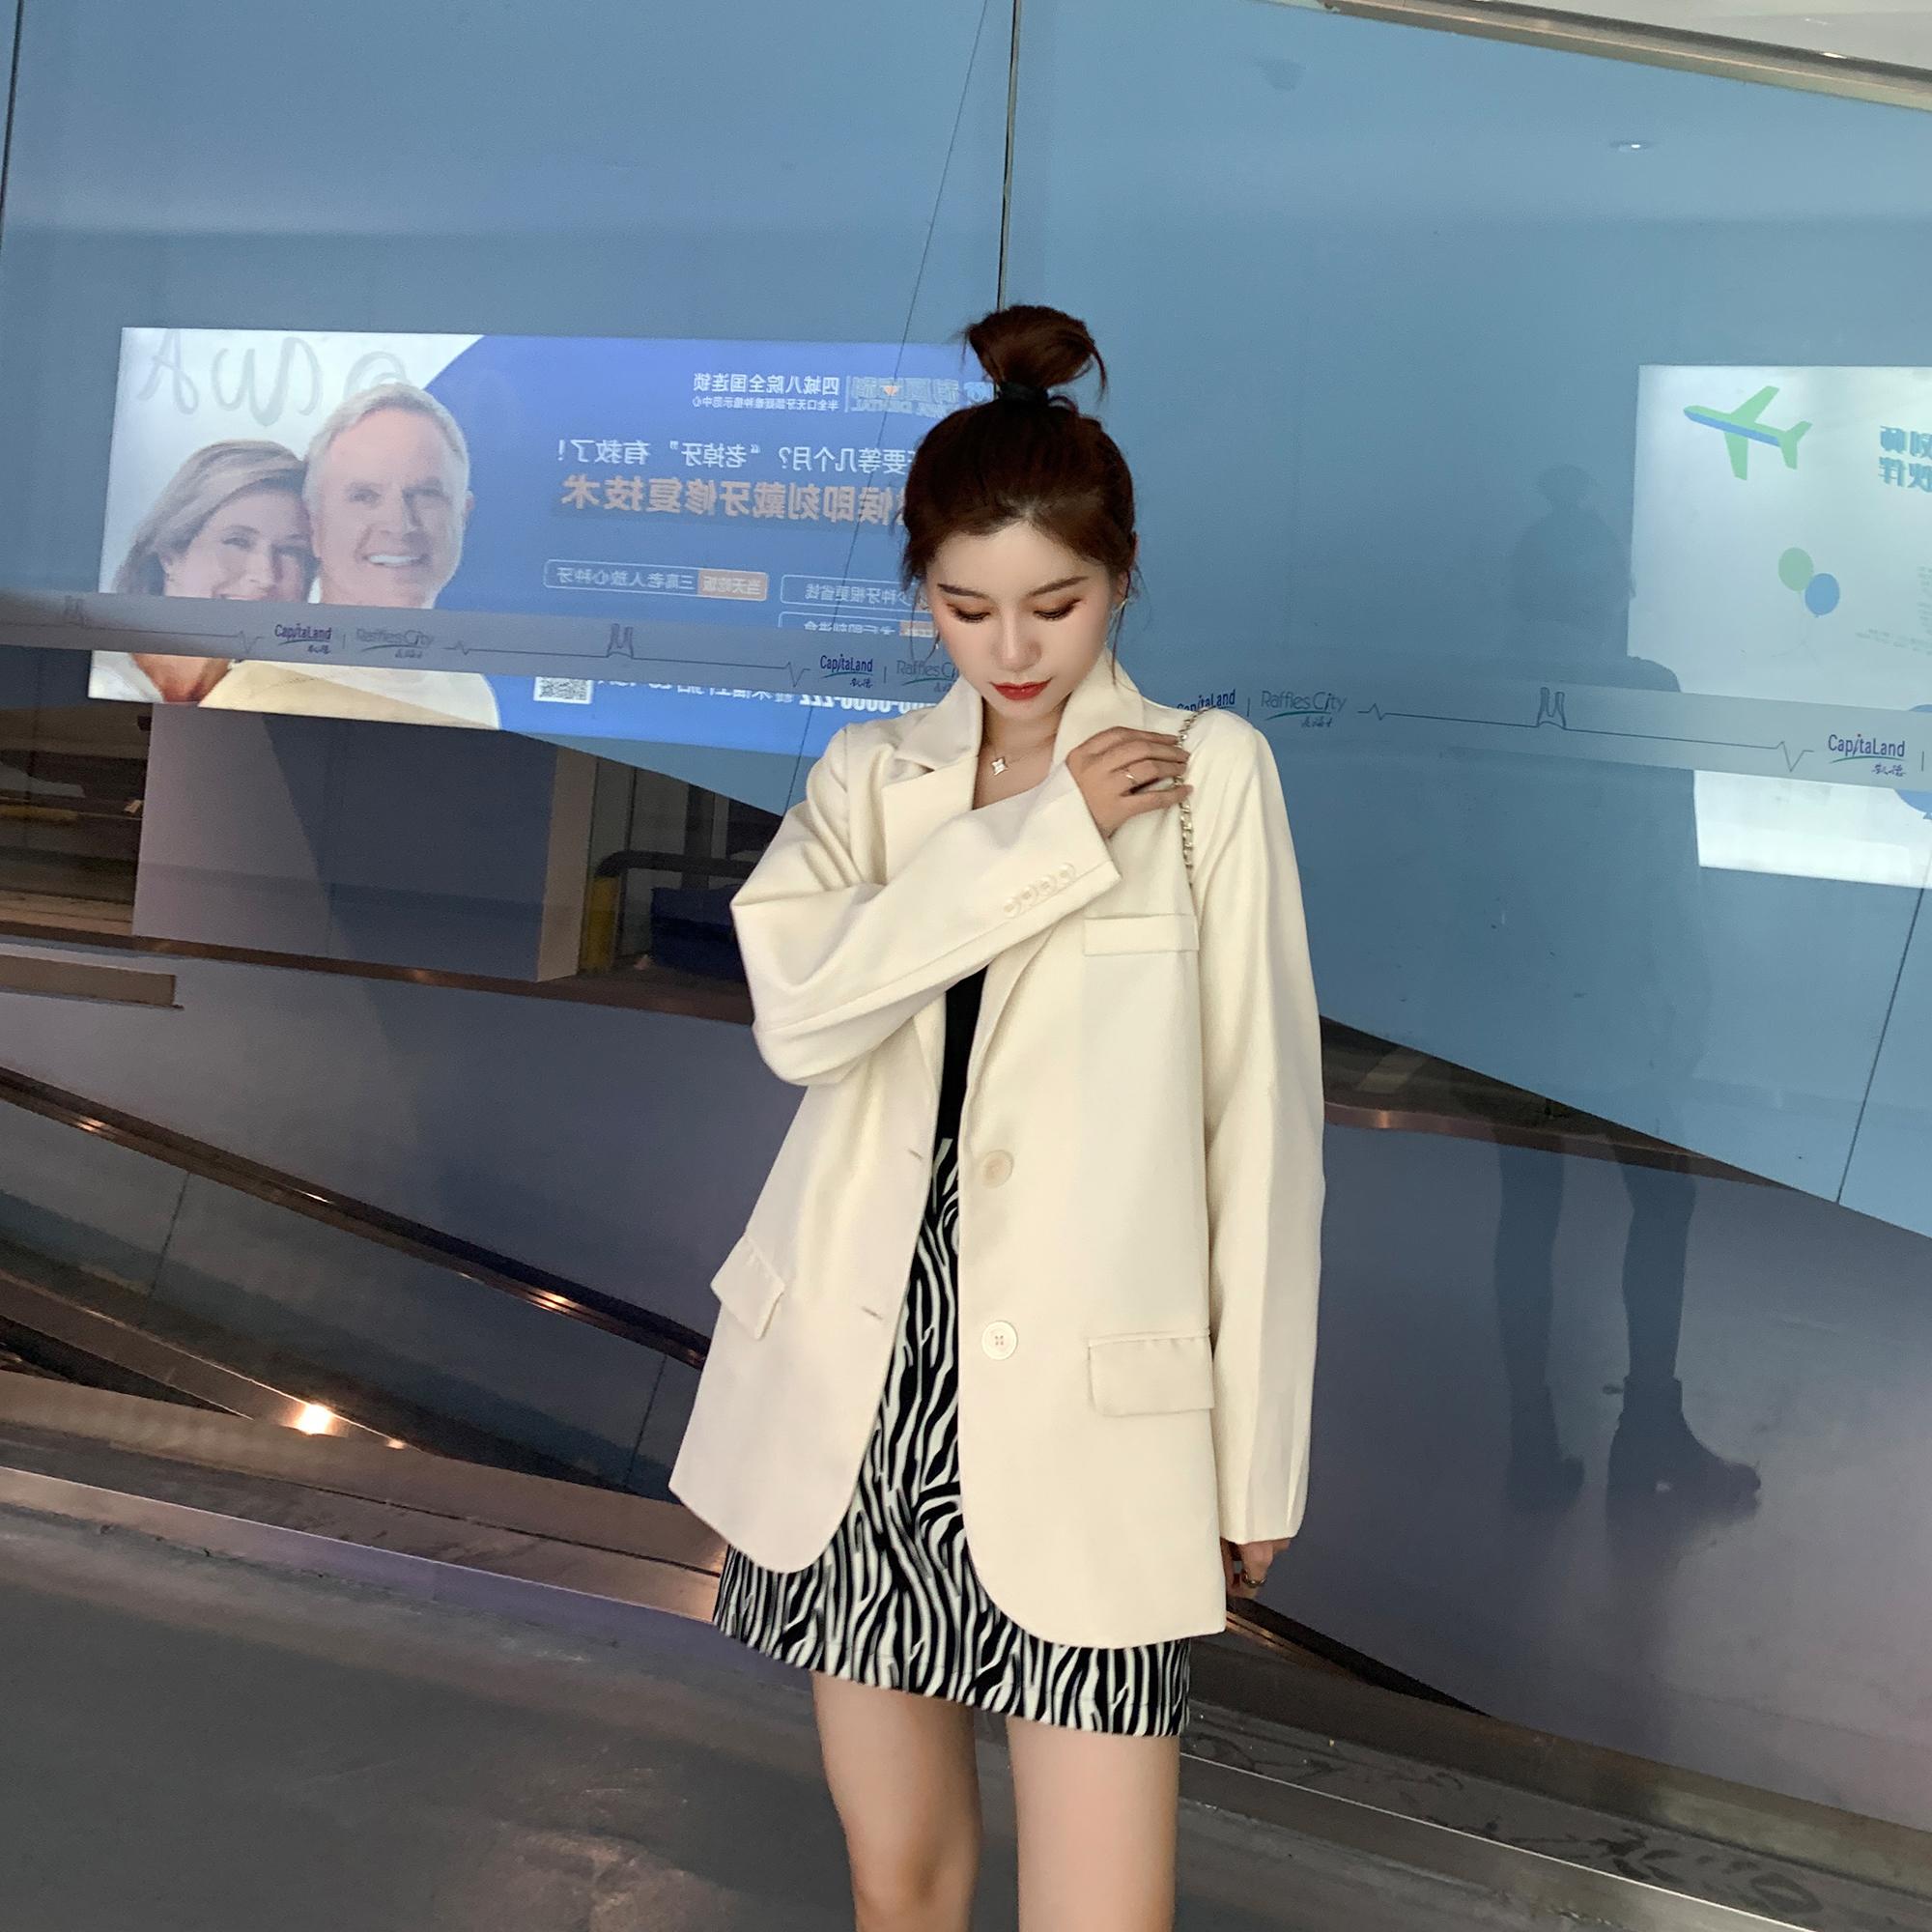 白色小西装外套女2021春秋新款韩版英伦风小个子西服炸街套装上衣